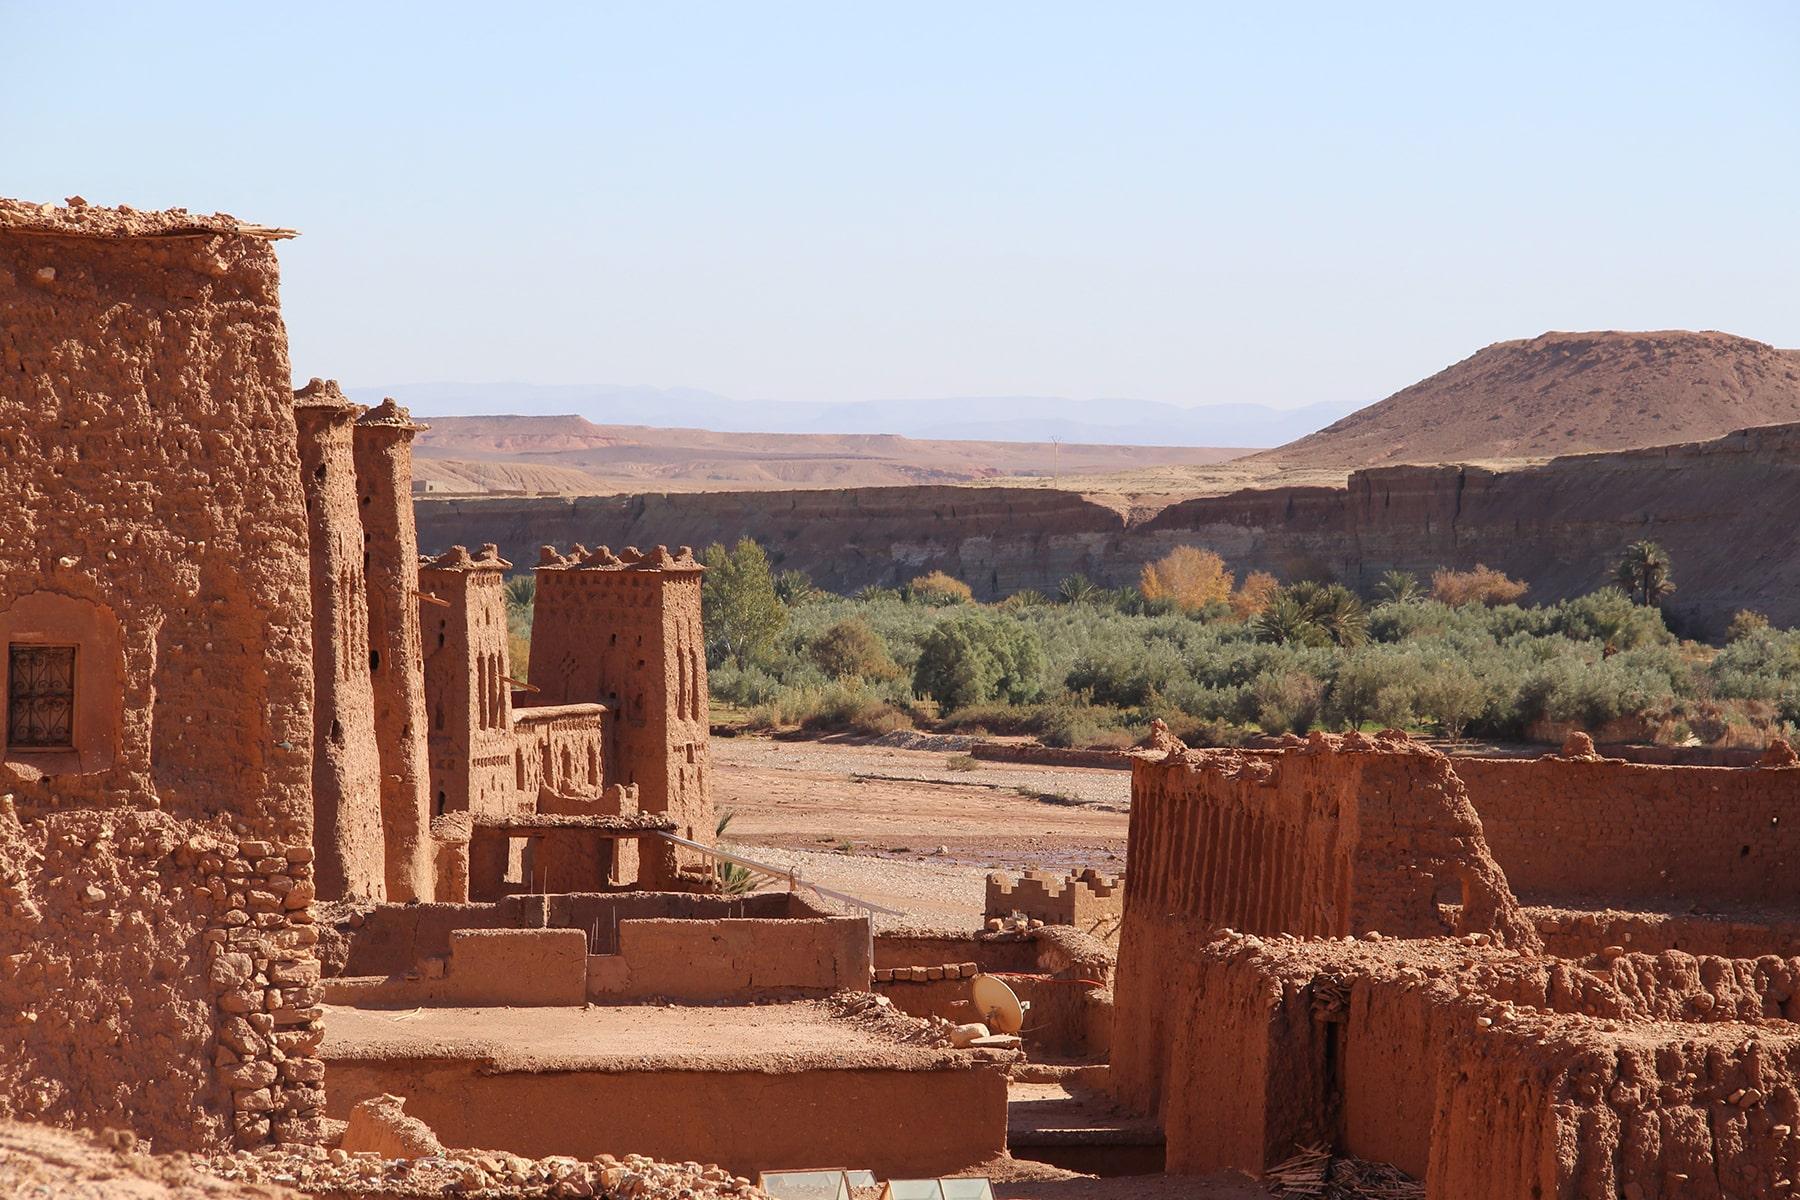 Vista sulla kasbah di Ait Benhaddou kasbah e la vallata